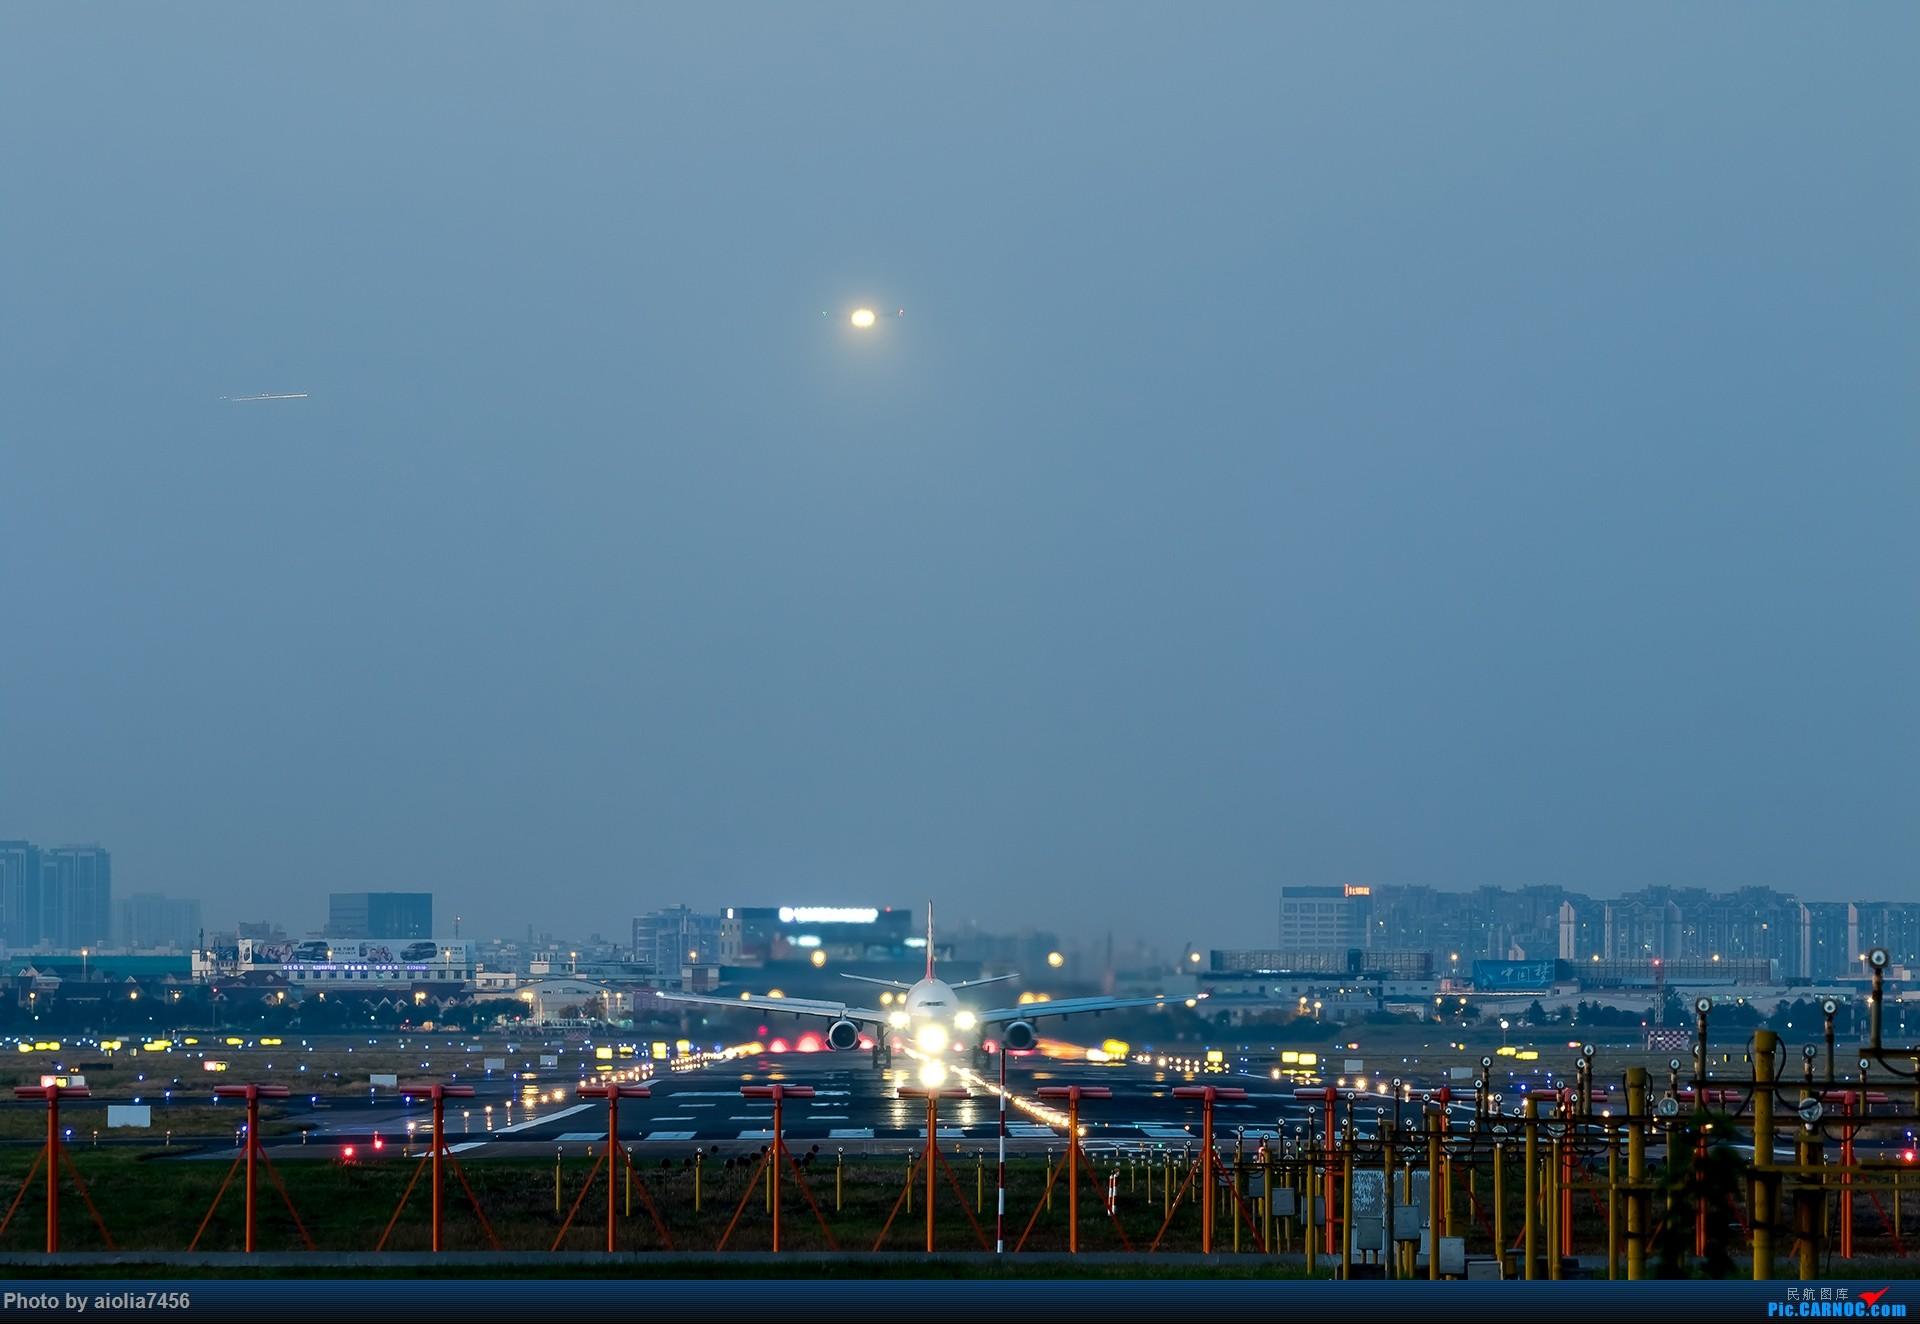 [原创][霸都打机队]摸摸怀中的7D2,好宝宝,跟了新的主人你要乖乖听话哦,离开我之前,我带你逛一圈ZSSS,最后一次陪我看看那些我们不怎么看得到的宽体吧。    中国上海虹桥国际机场